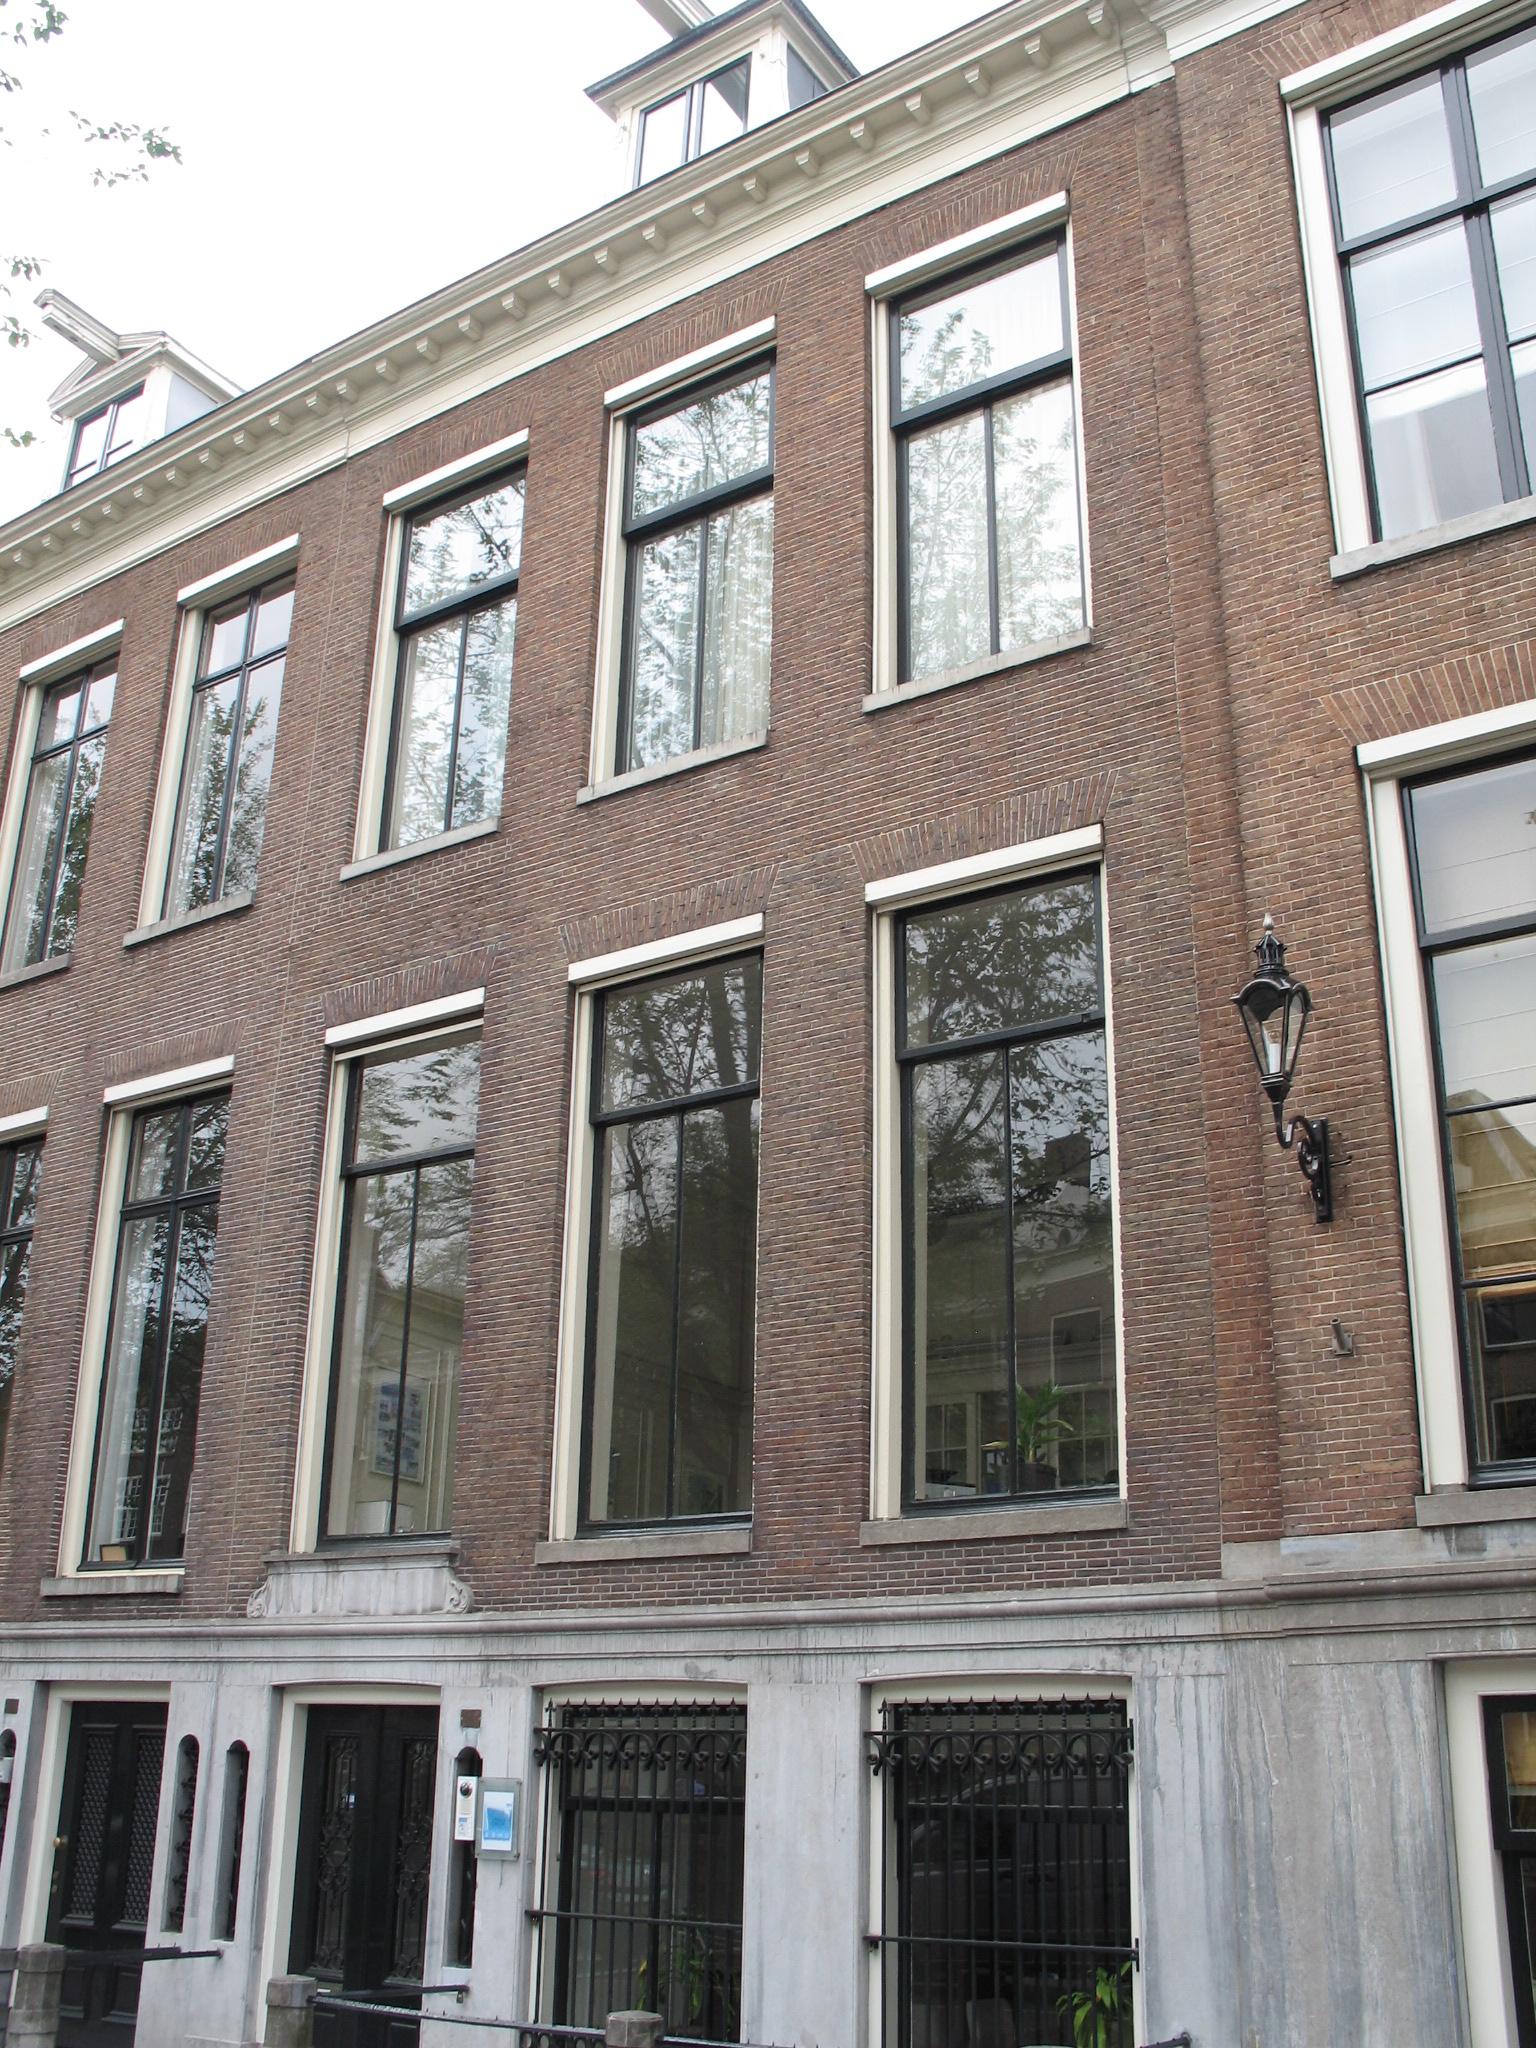 Huis onder rechte lijst met dakkapel in amsterdam for Lijst inrichting huis